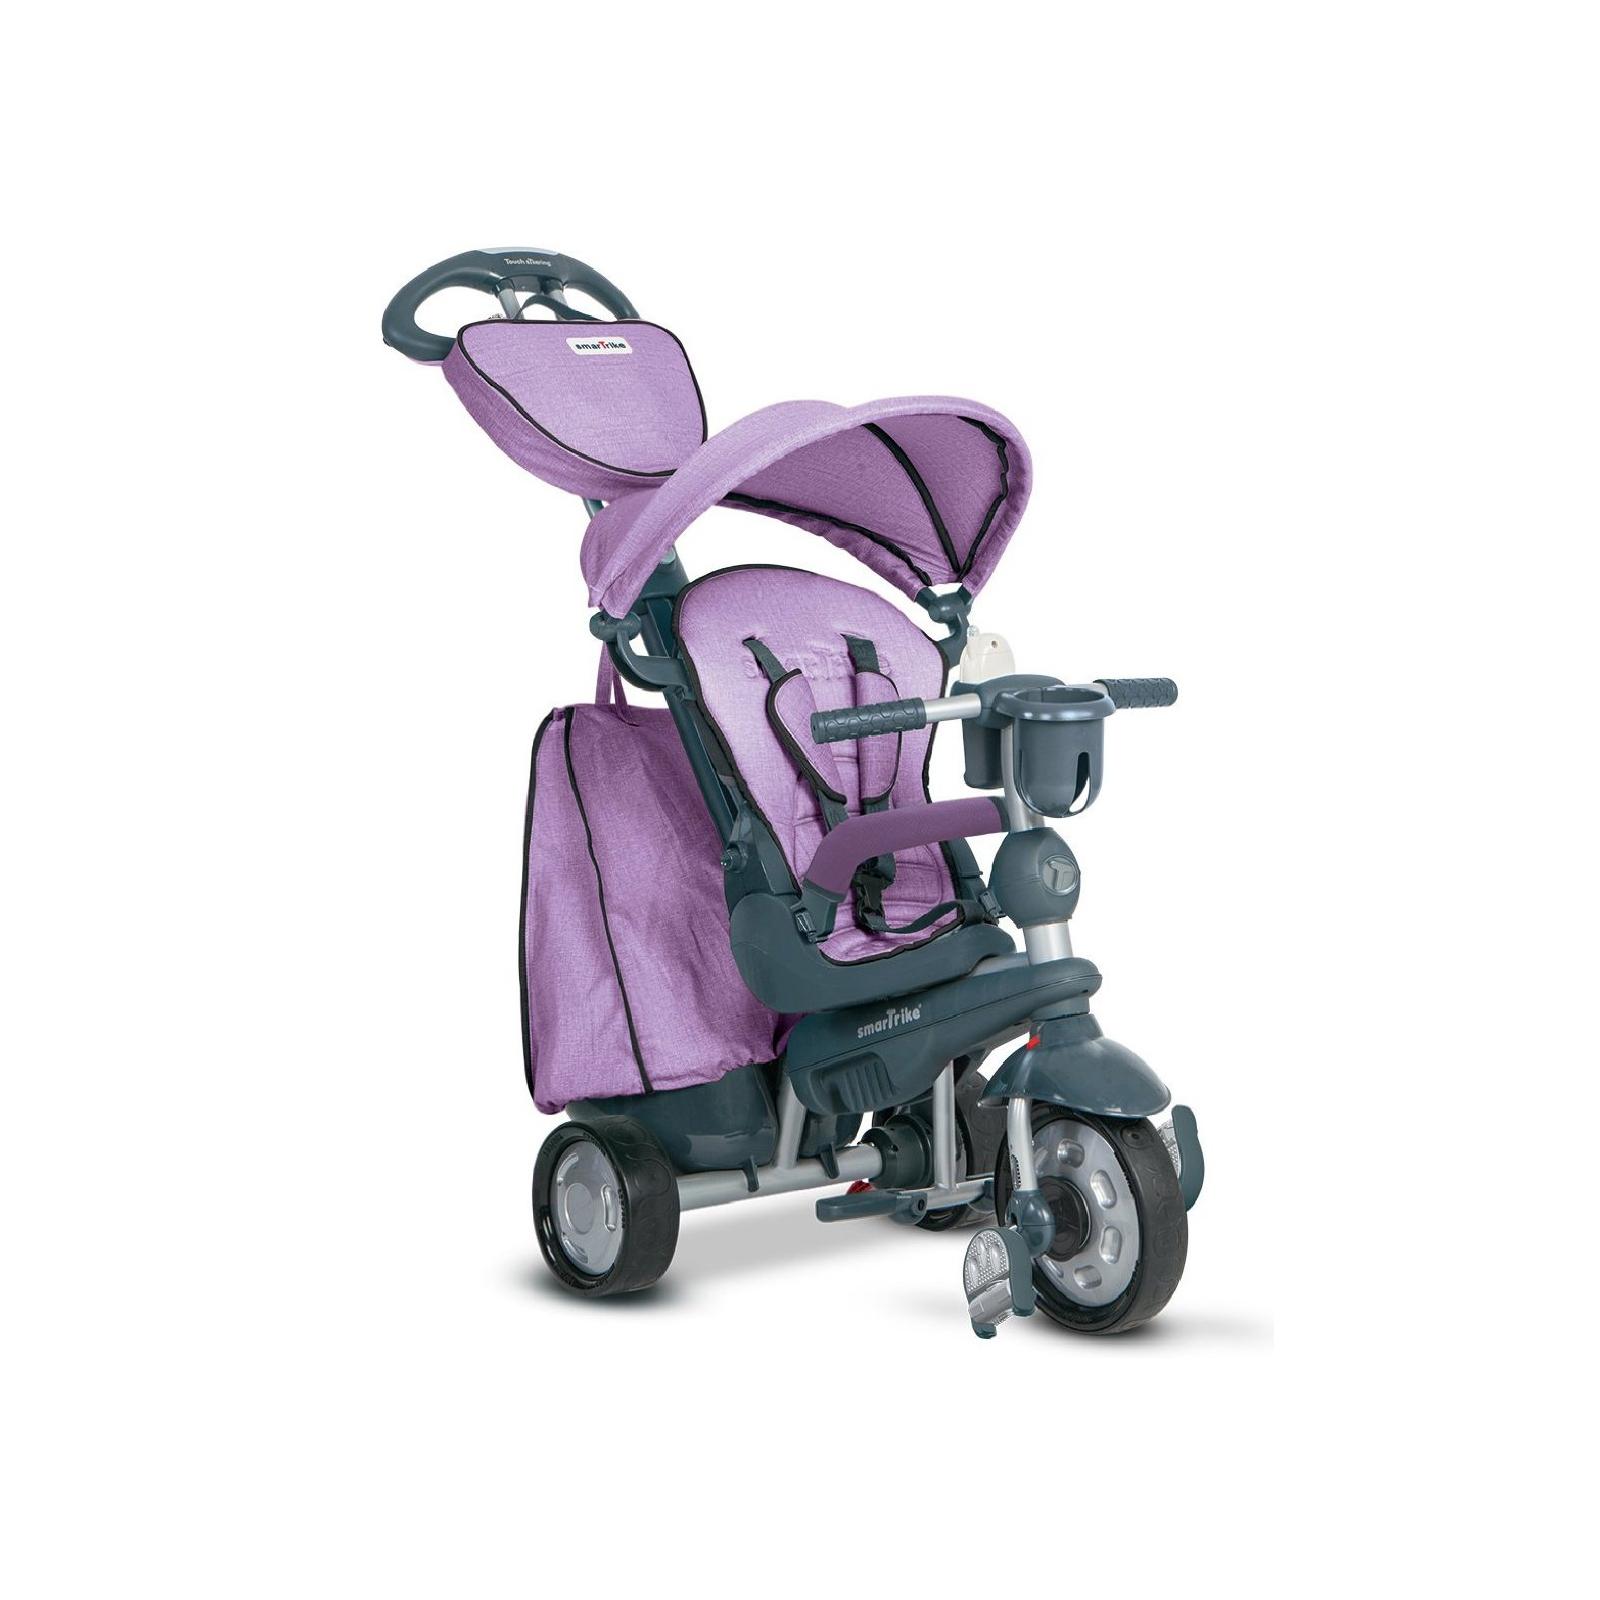 Детский велосипед Smart Trike Explorer 5 в 1 Grey (8200900) изображение 2